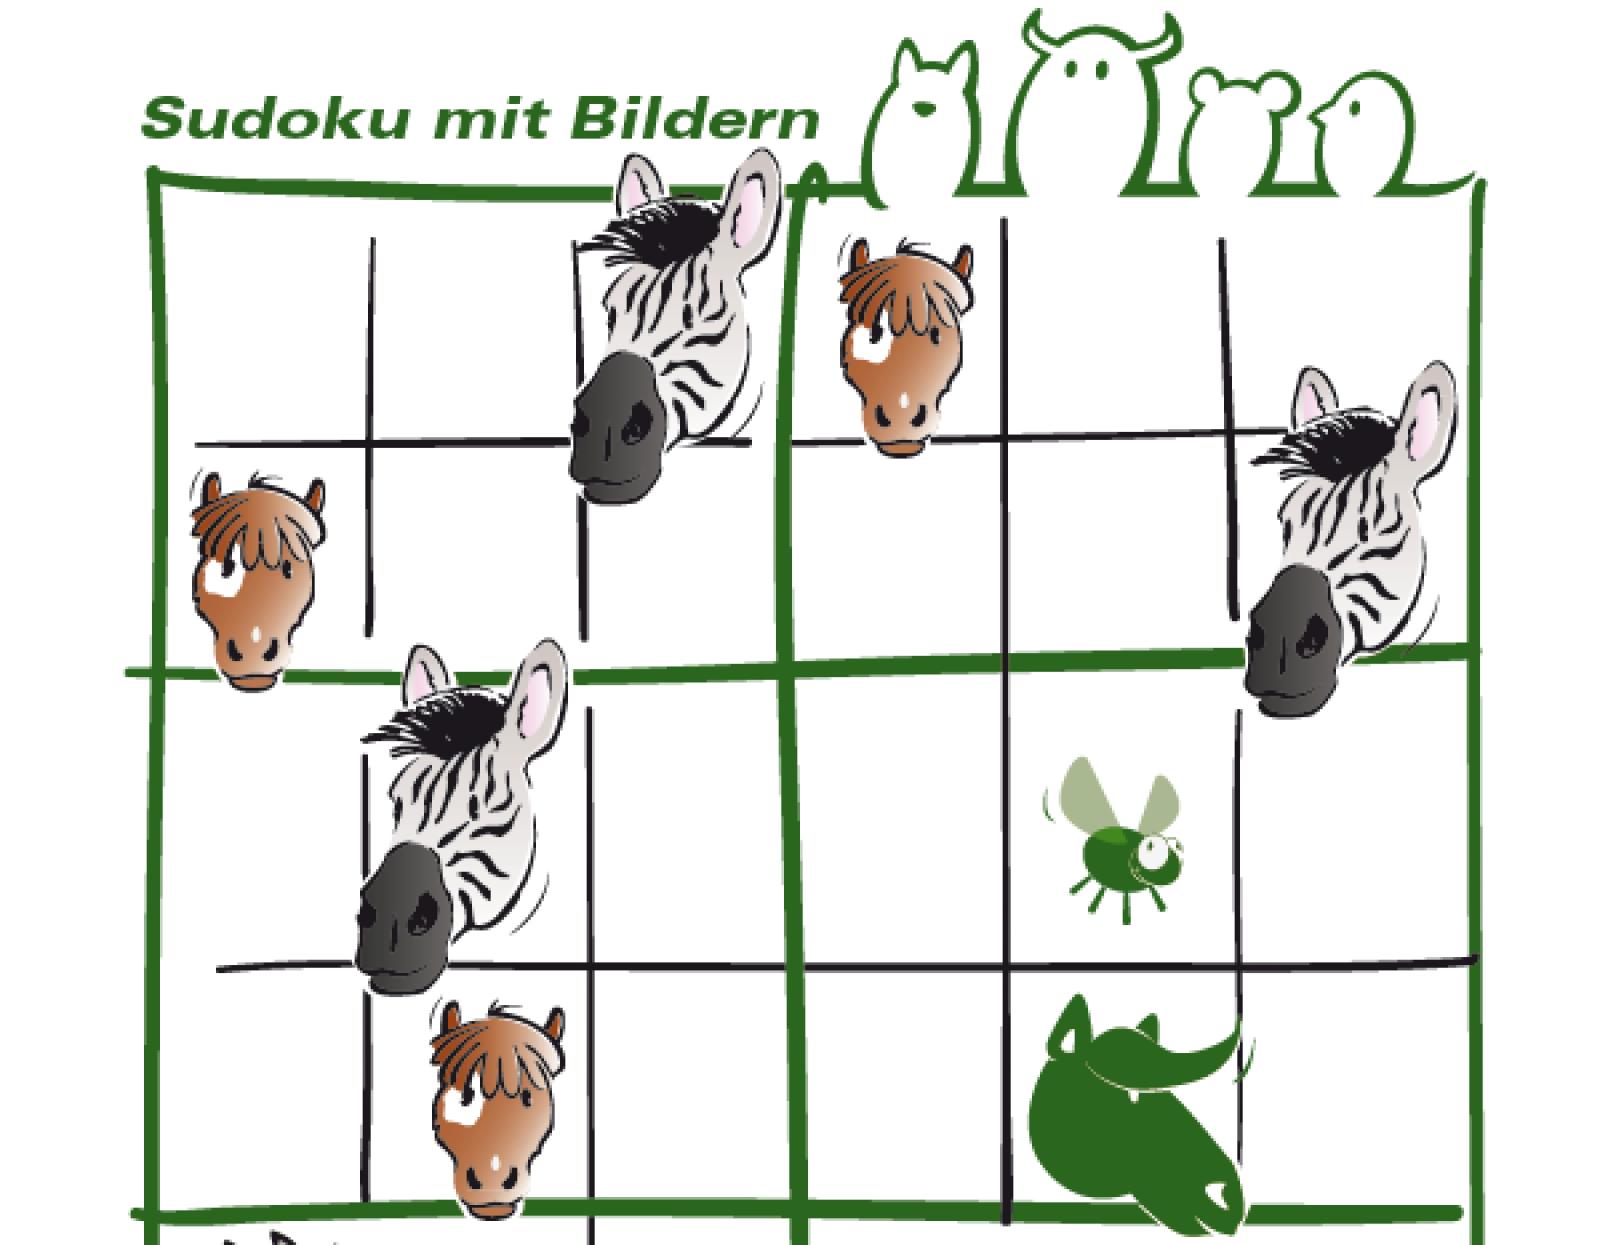 Sudoku Pferde - Tierschutz macht Schule